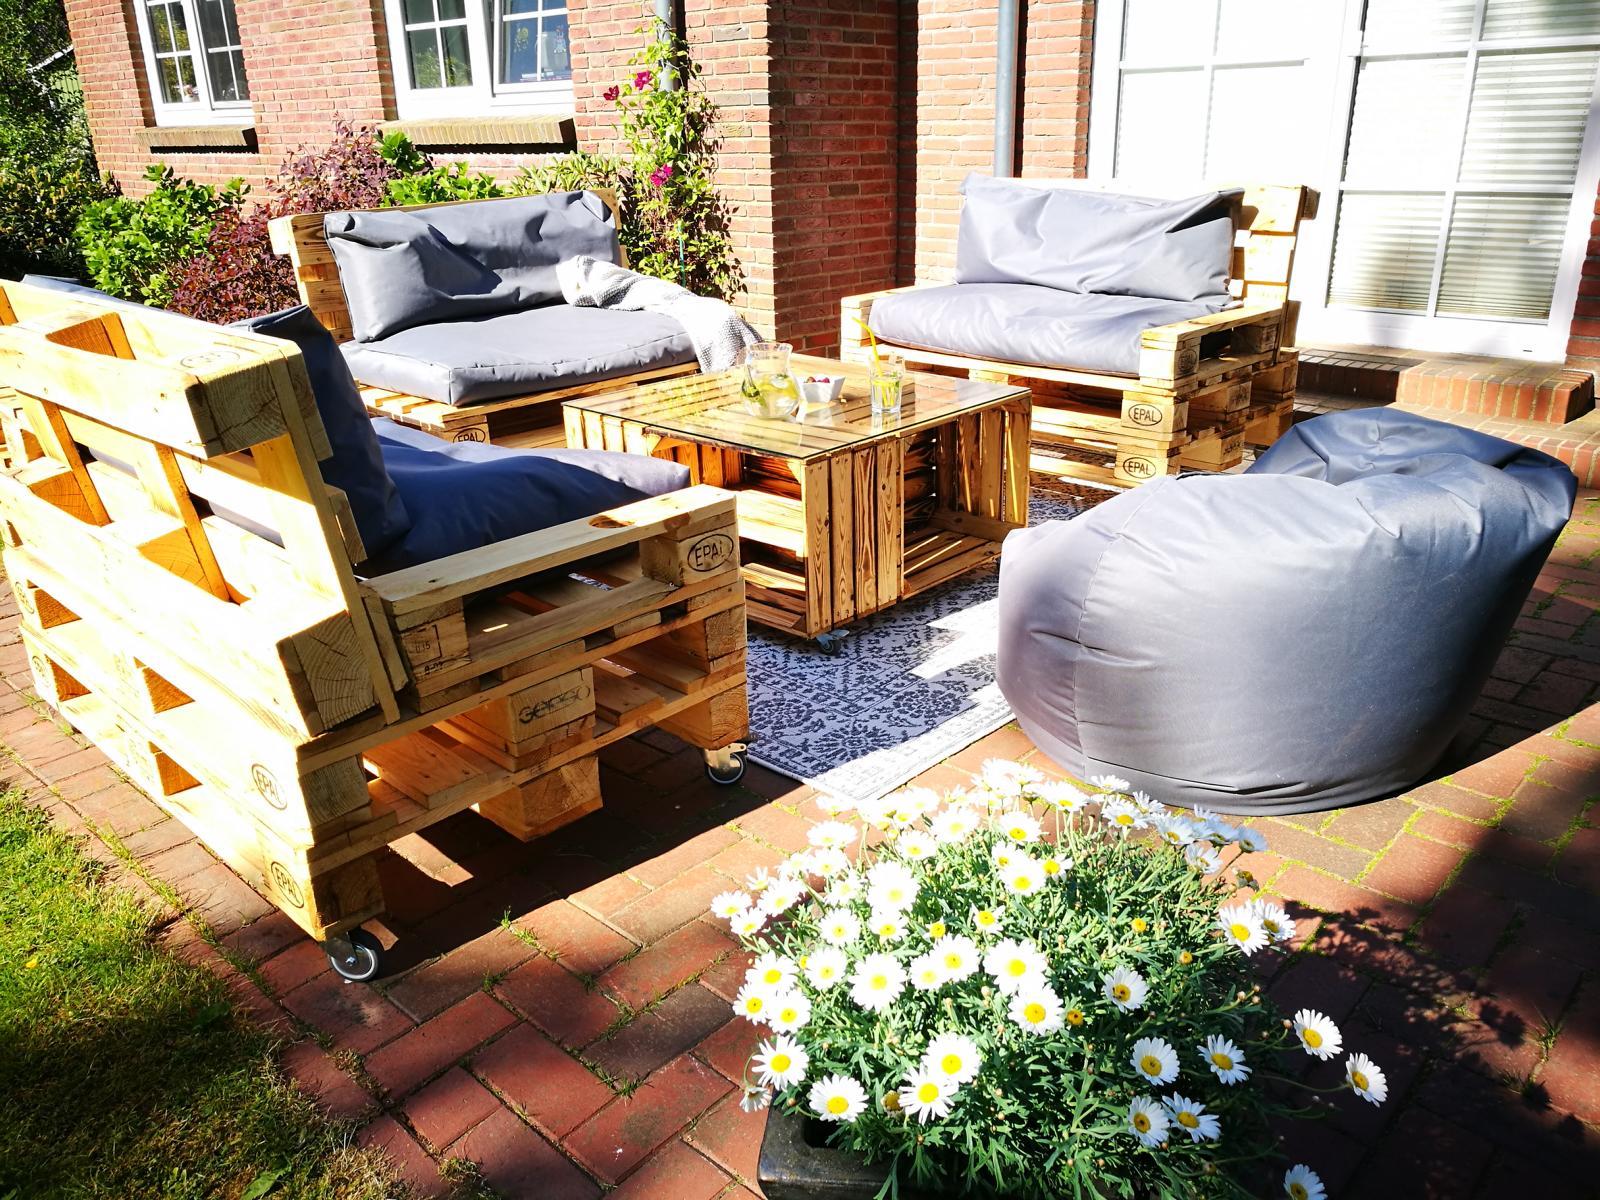 gartenmoebel-sofa-terrasse